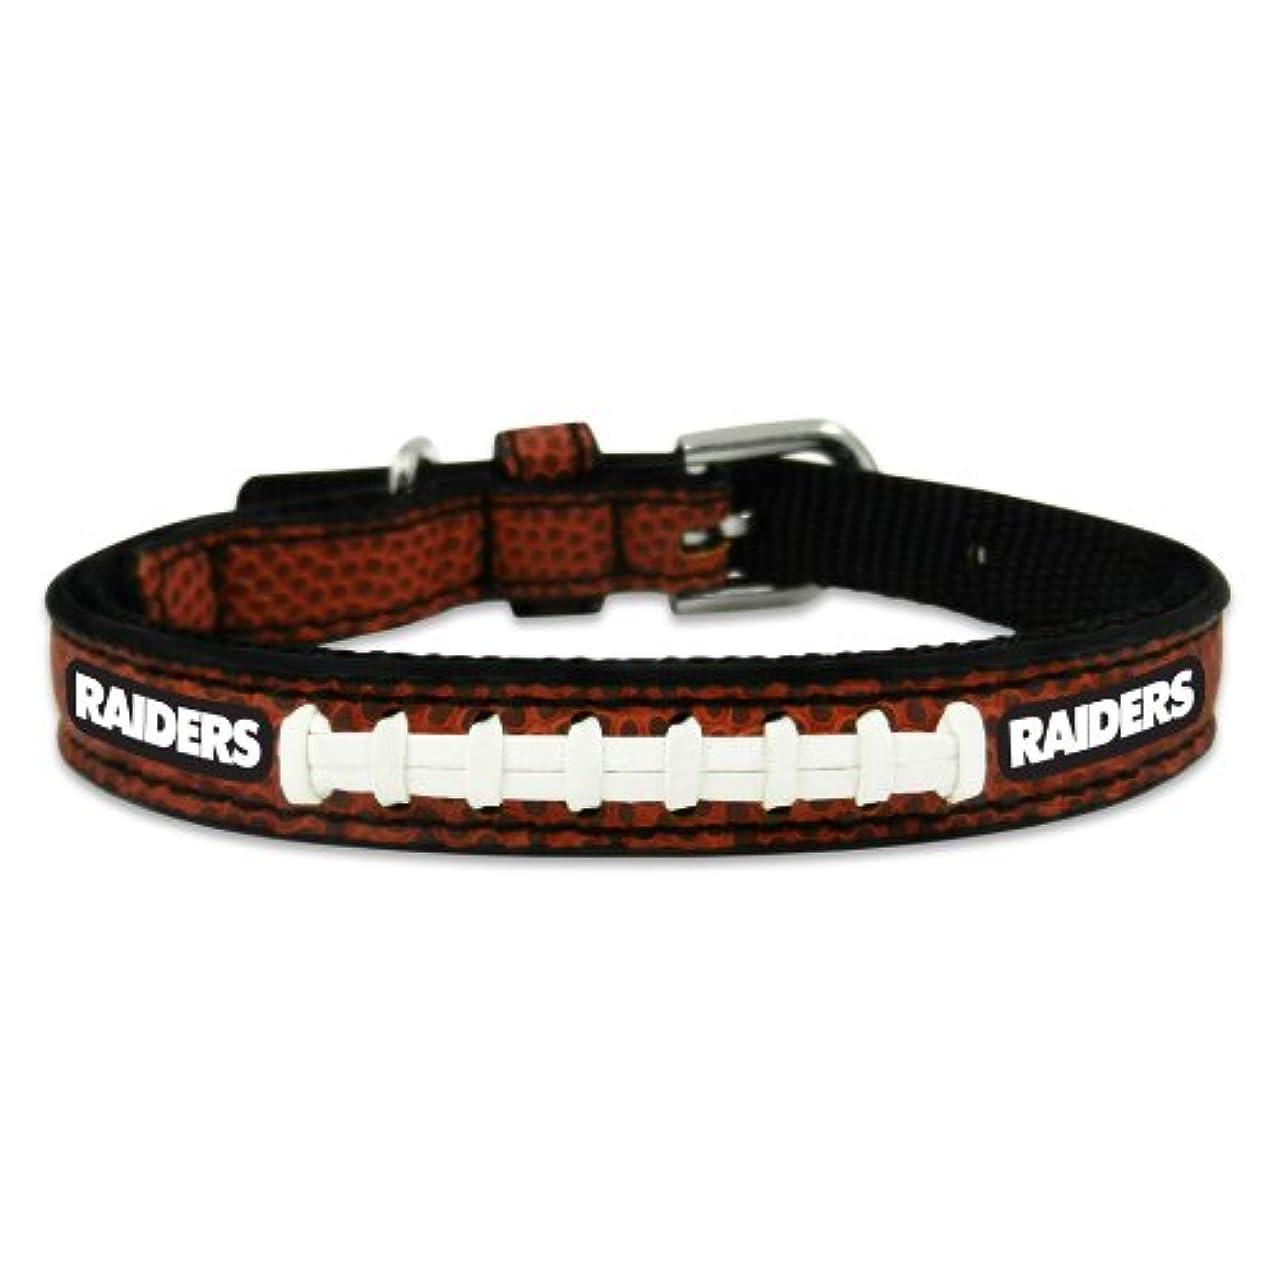 傘いうビーチOakland Raiders Classic Leather Toy Football Collar